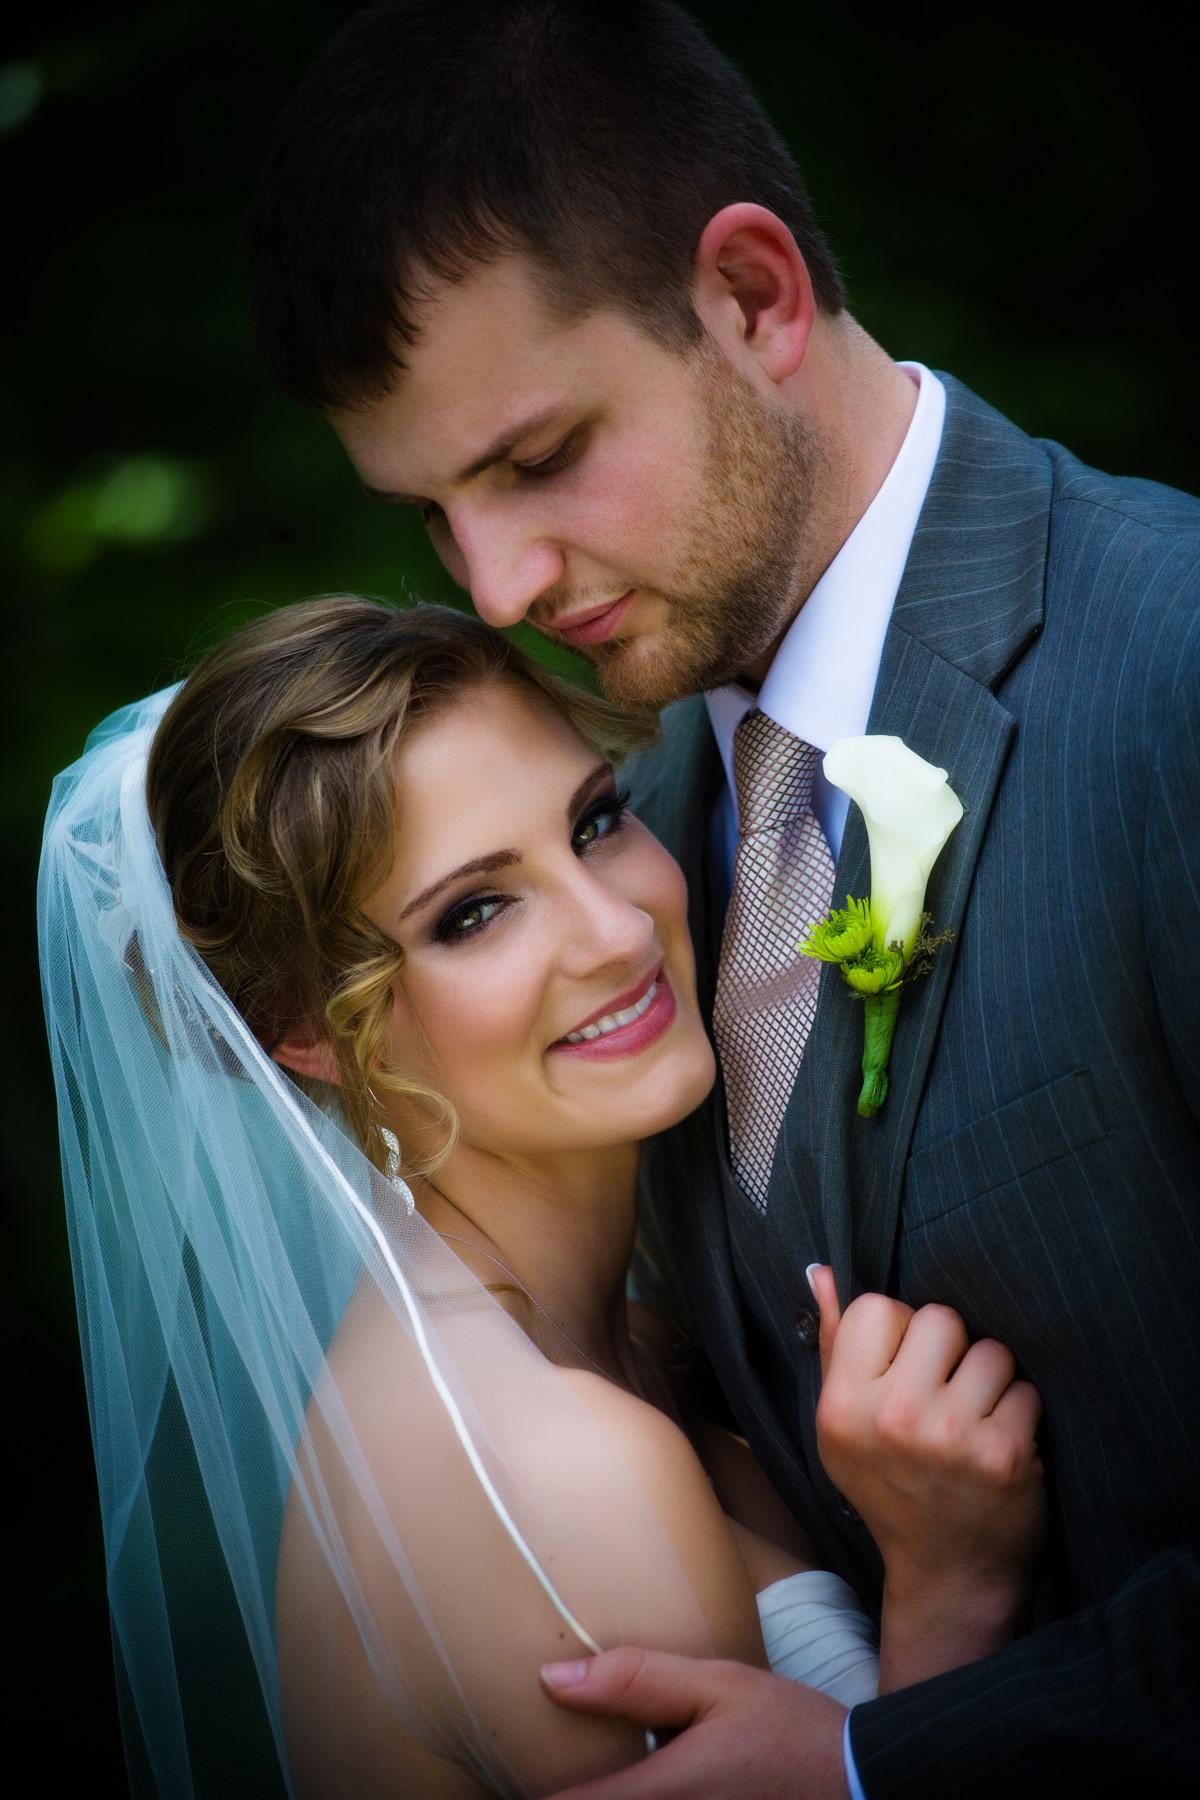 wedding couple close portrait